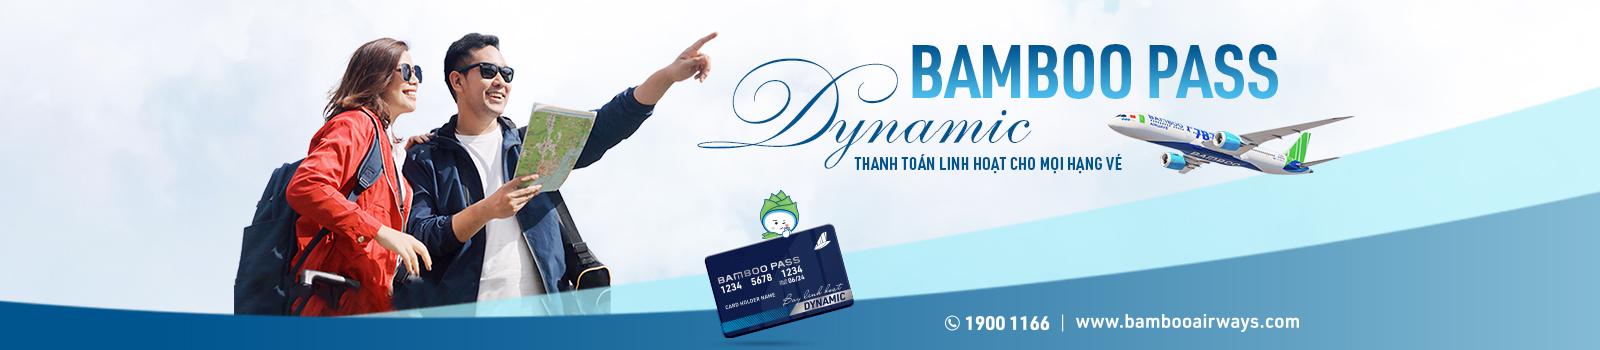 Bamboo Airways - Bay linh hoạt siêu tiết kiệm